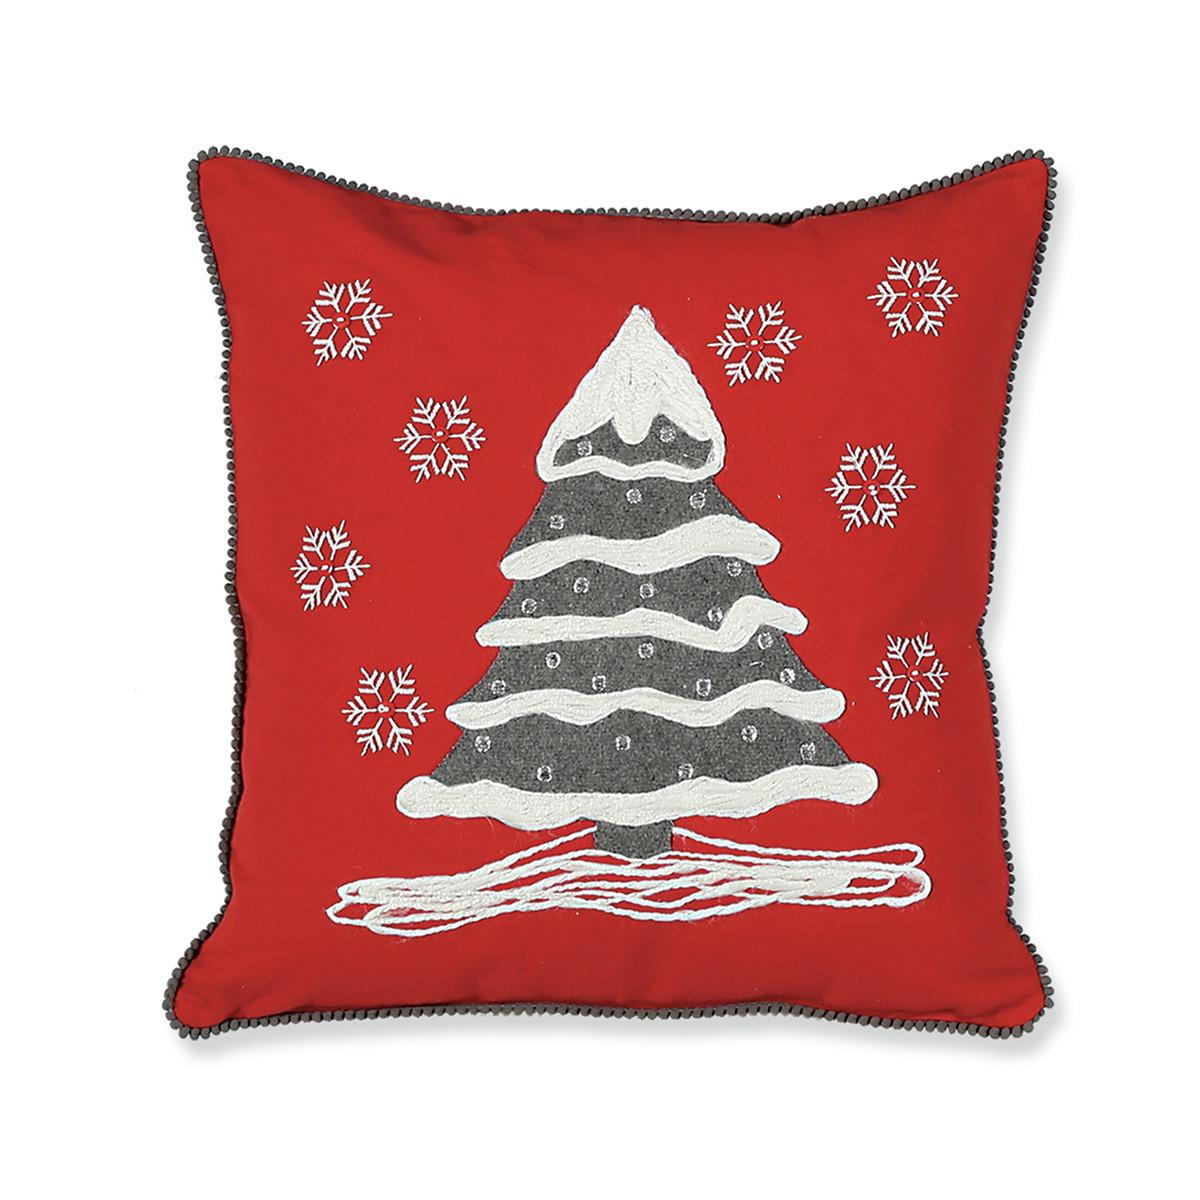 Χριστουγεννιάτικο Μαξιλάρι Nef-Nef Snow Tree